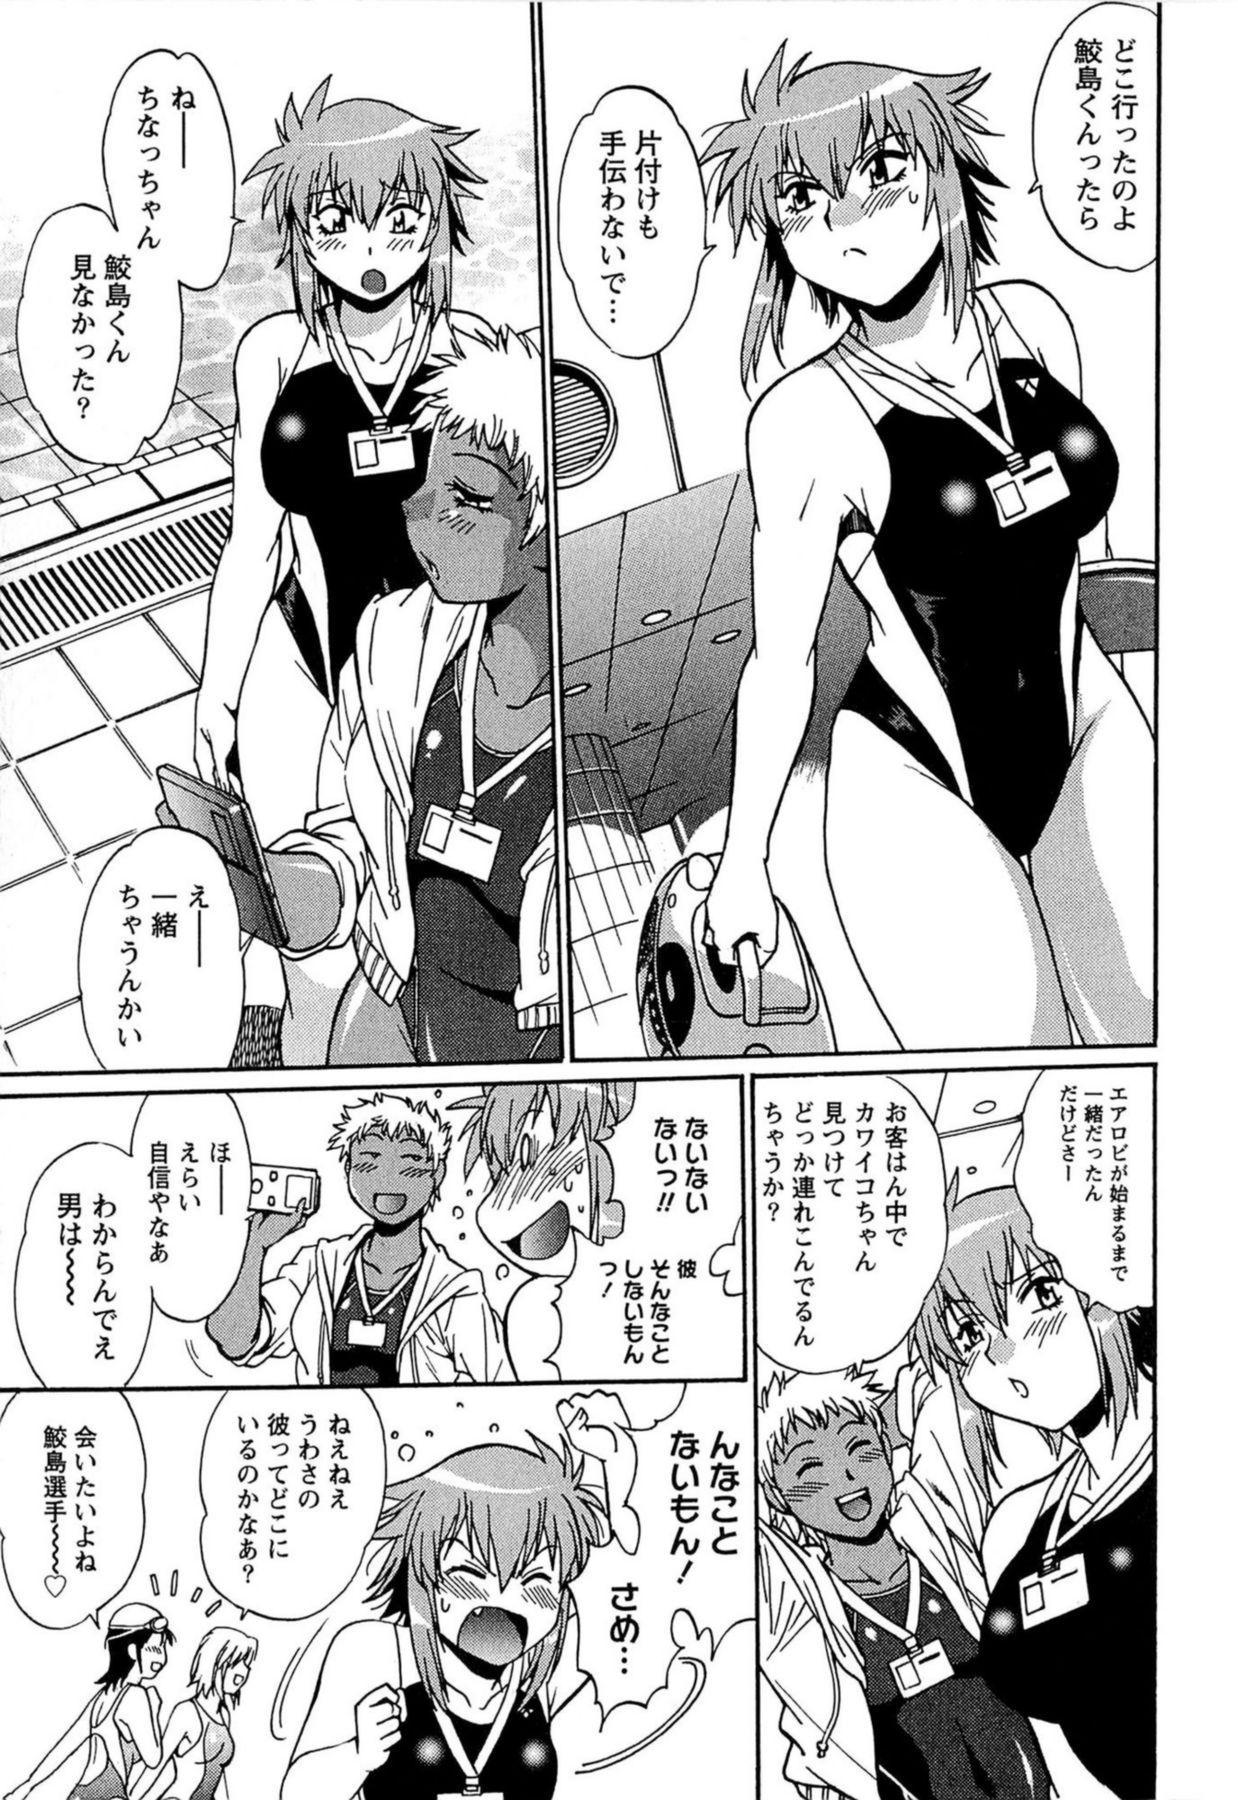 Kuikomi wo Naoshiteru Hima wa Nai! Vol. 1 65